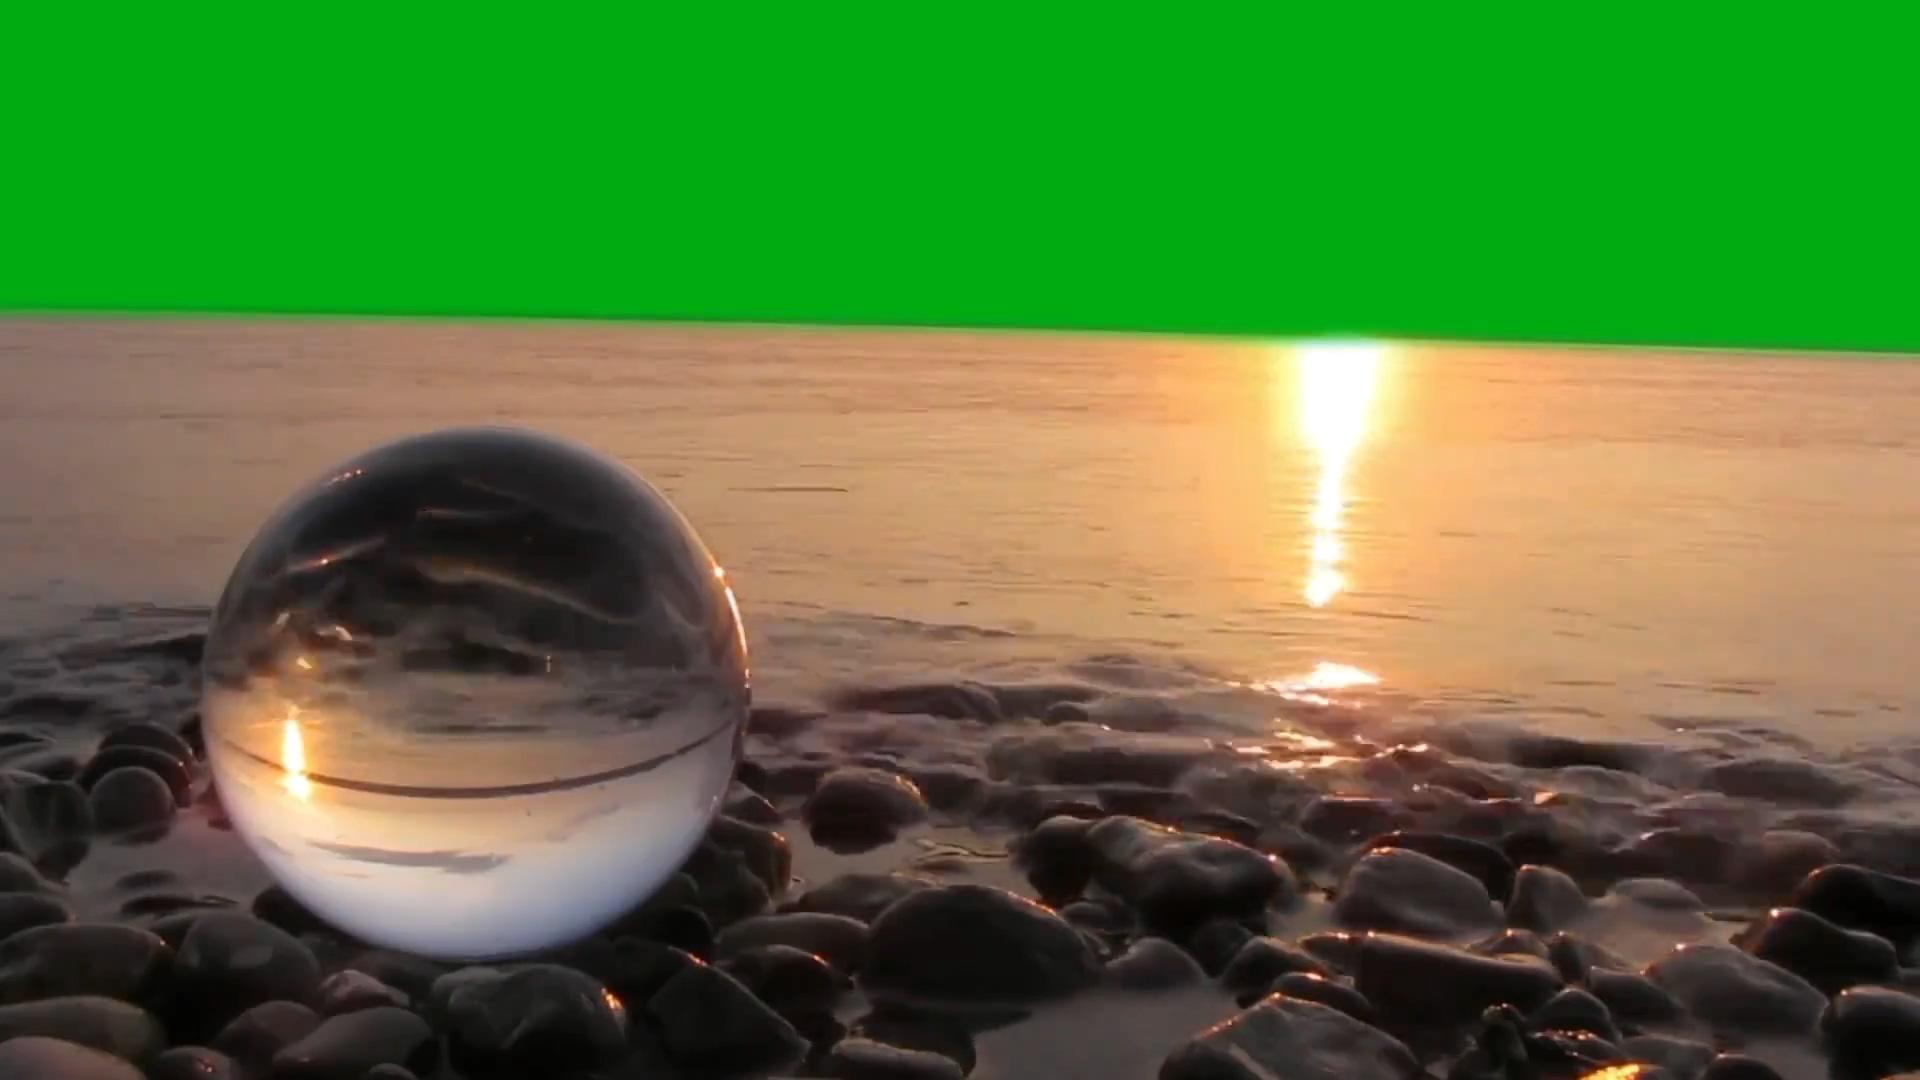 绿屏抠像海边日出沙滩